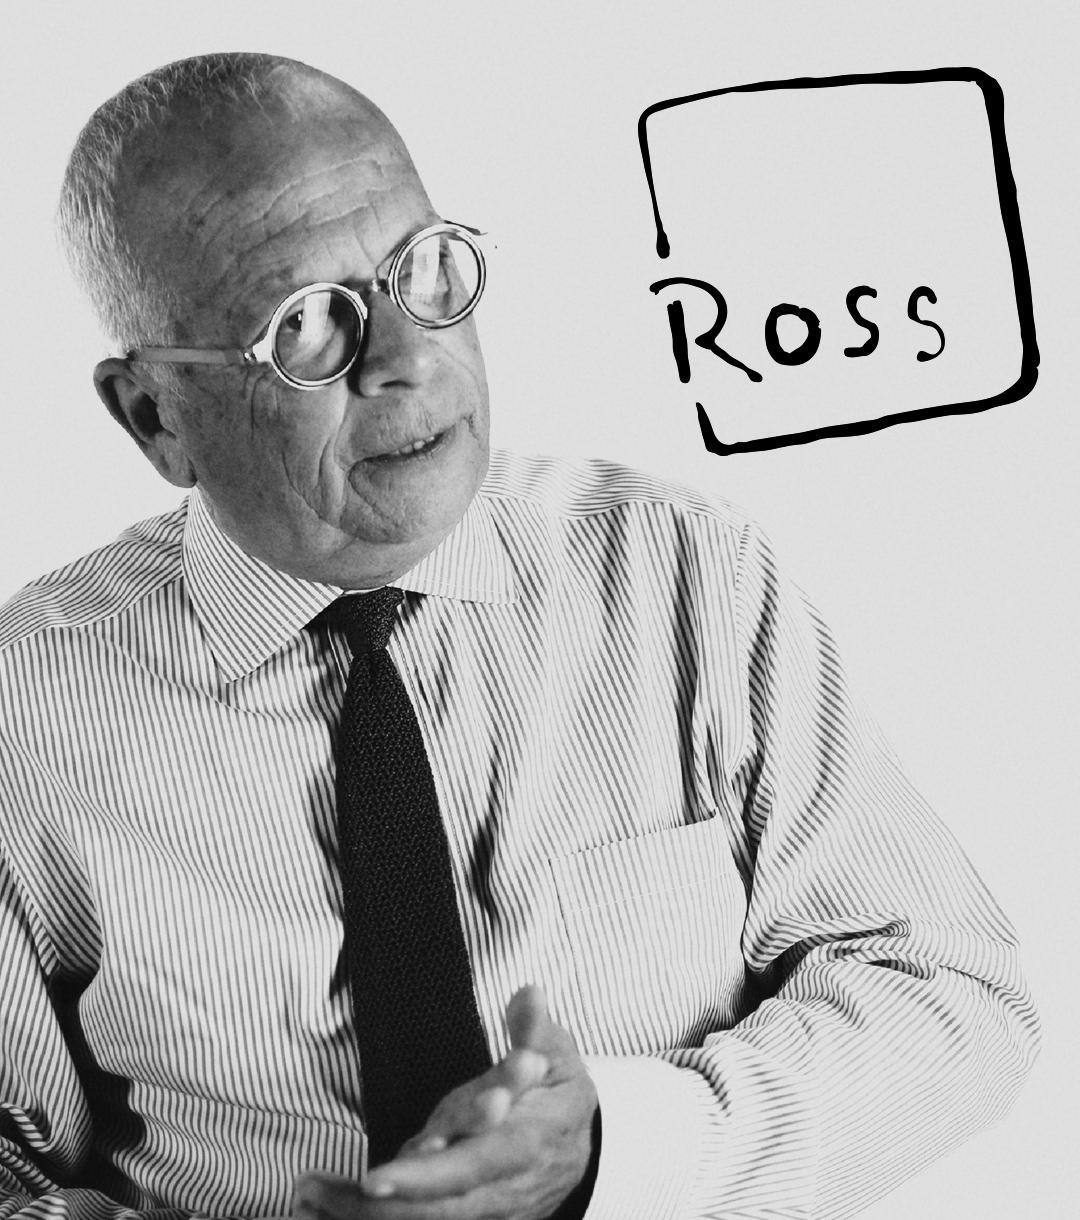 Richie Ross